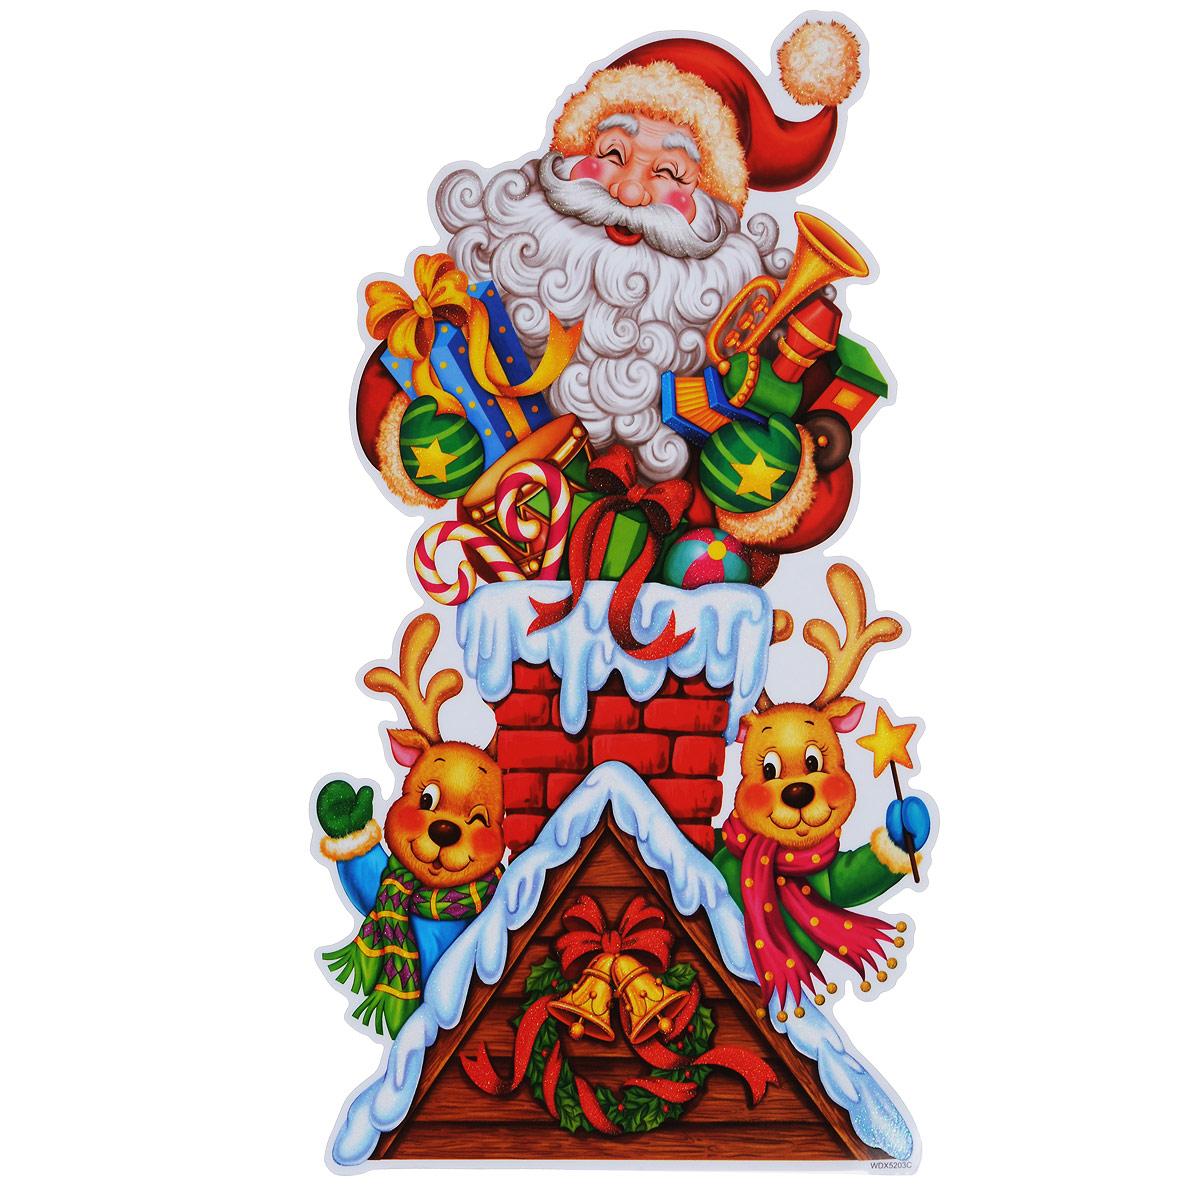 Новогоднее оконное украшение Room Decoration Дед Мороз и оленята, 42 х 24 смWDX5203CНовогоднее оконное украшение Room Decoration Дед Мороз и оленята поможет украсить дом к предстоящим праздникам. На одном листе расположены одна наклейка в виде изображения деда мороза с оленятами. Яркие изображения нанесены на прозрачную виниловую пленку и крепятся к гладкой поверхности стекла посредством статического эффекта. Наклейки декорированы блестками. Наклейки не содержат клея, не оставляют следов и идеальны для многоразового использования. Также имеется инструкция на русском языке. Новогодние украшения всегда несут в себе волшебство и красоту праздника. Создайте в своем доме атмосферу тепла, веселья и радости, украшая его всей семьей. Материал: виниловая пленка. Размер листа: 42 см х 24 см. Размер наклейки: 41,5 см х 22,5 см.